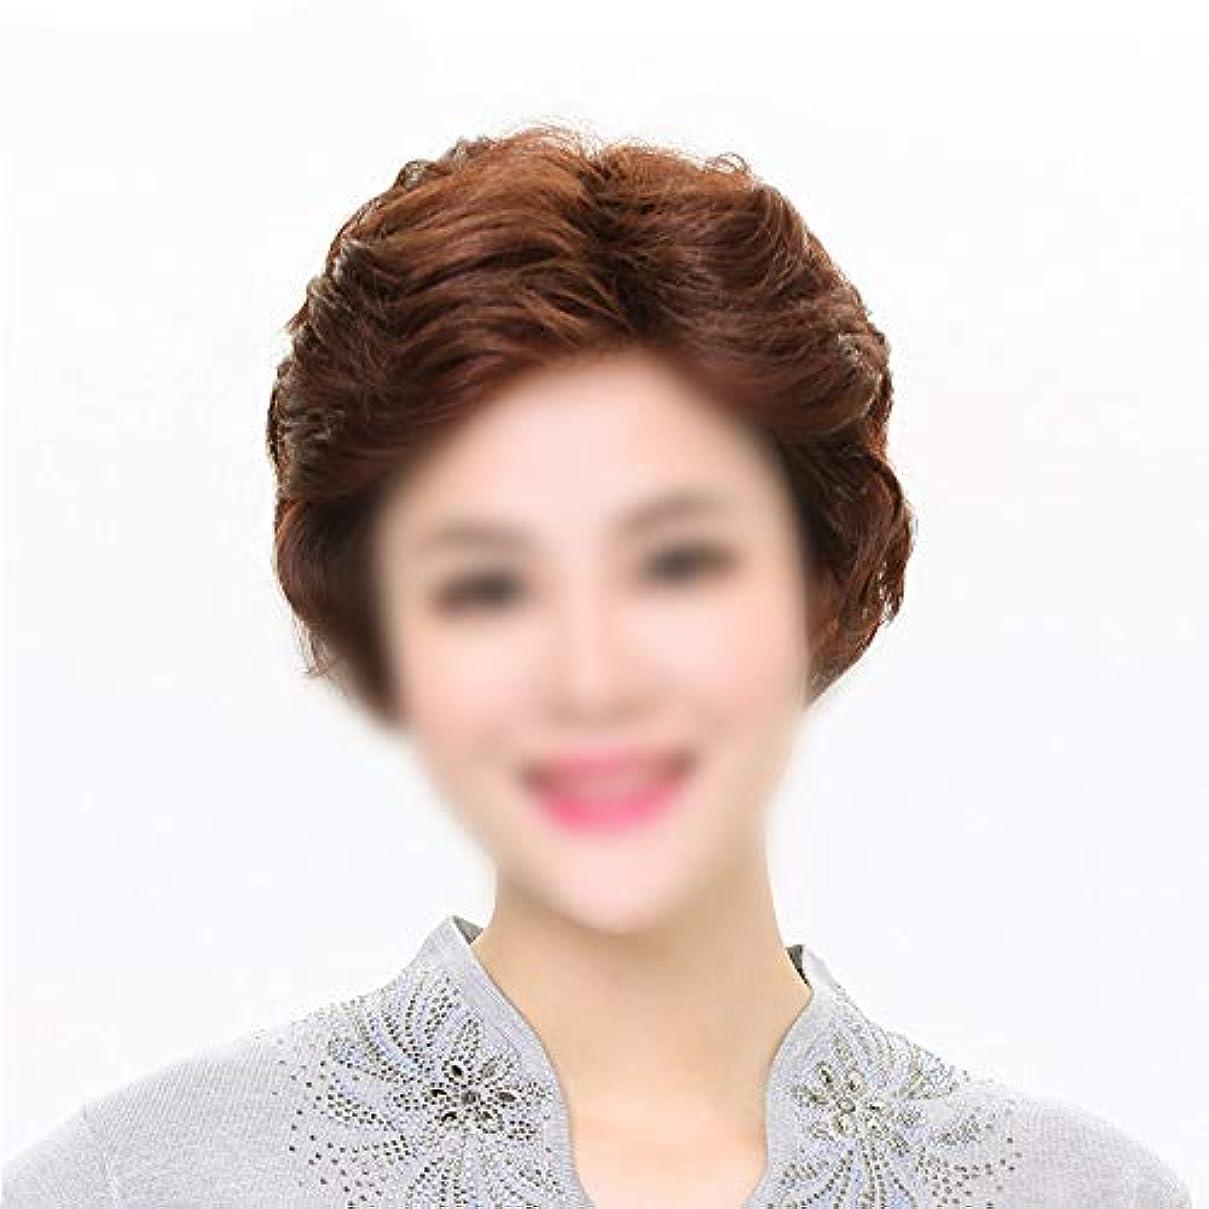 圧縮されたほぼ遠えYOUQIU 女子ショートウェービーヘアエクステンションウィッグ用手織りナチュラルブラックレアル髪 (色 : Natural black, サイズ : Hand-woven)